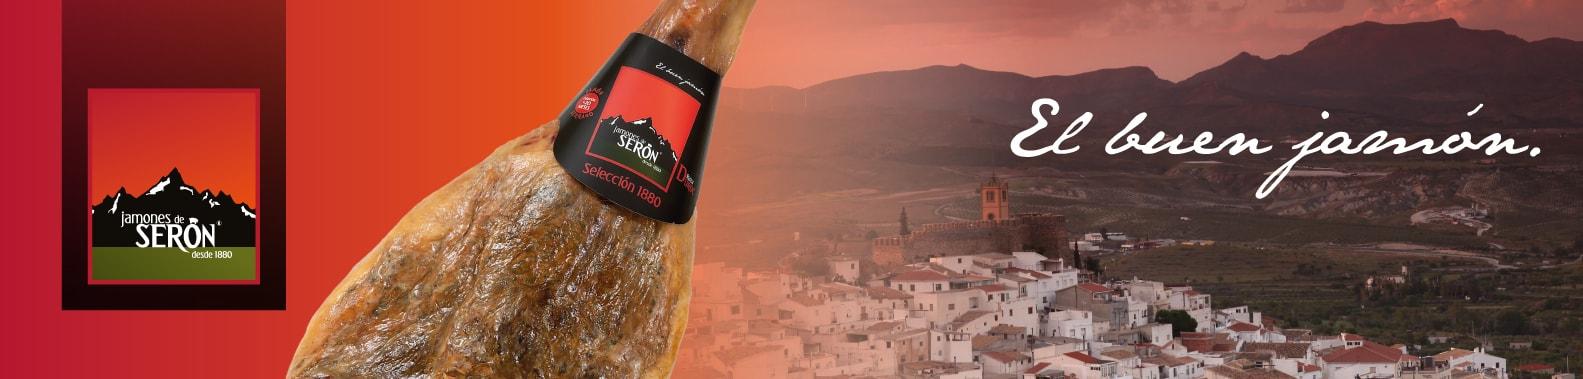 Serón Hams, seit 1880 mit exquisiter Qualität Serrano Ham